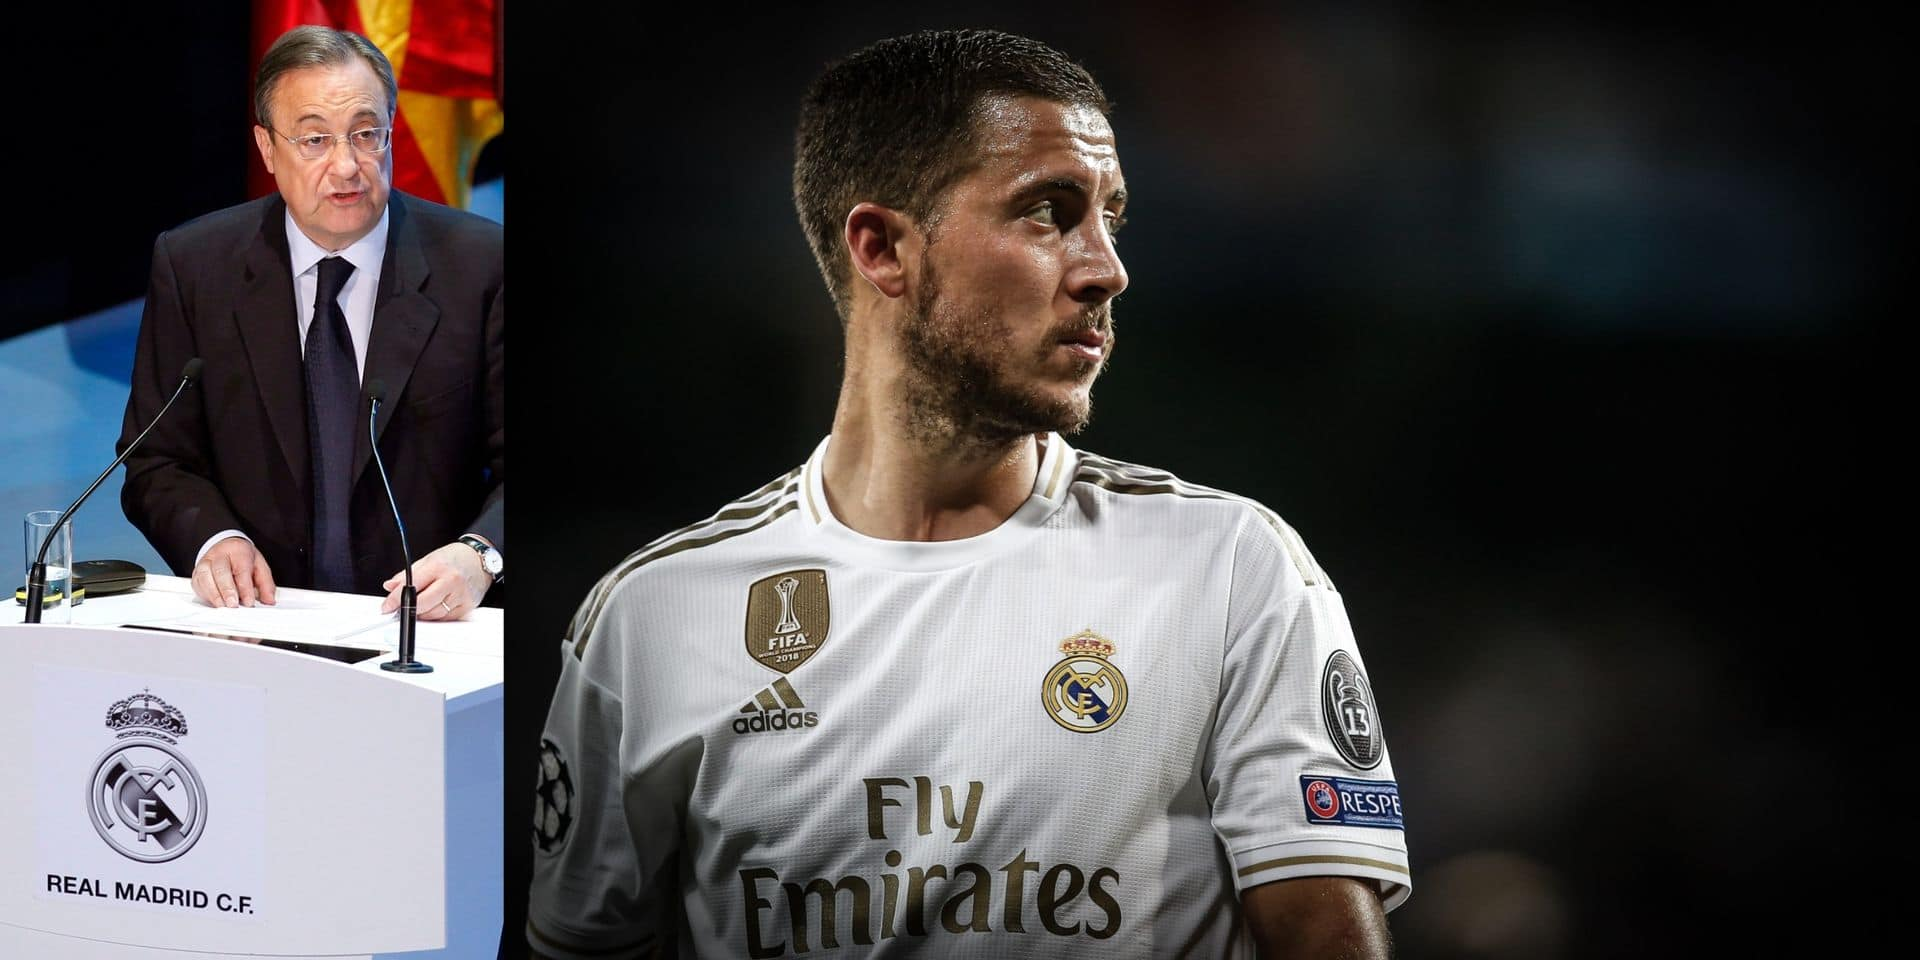 Florentino Pérez, l'homme qui a convaincu Eden Hazard d'éviter une opération